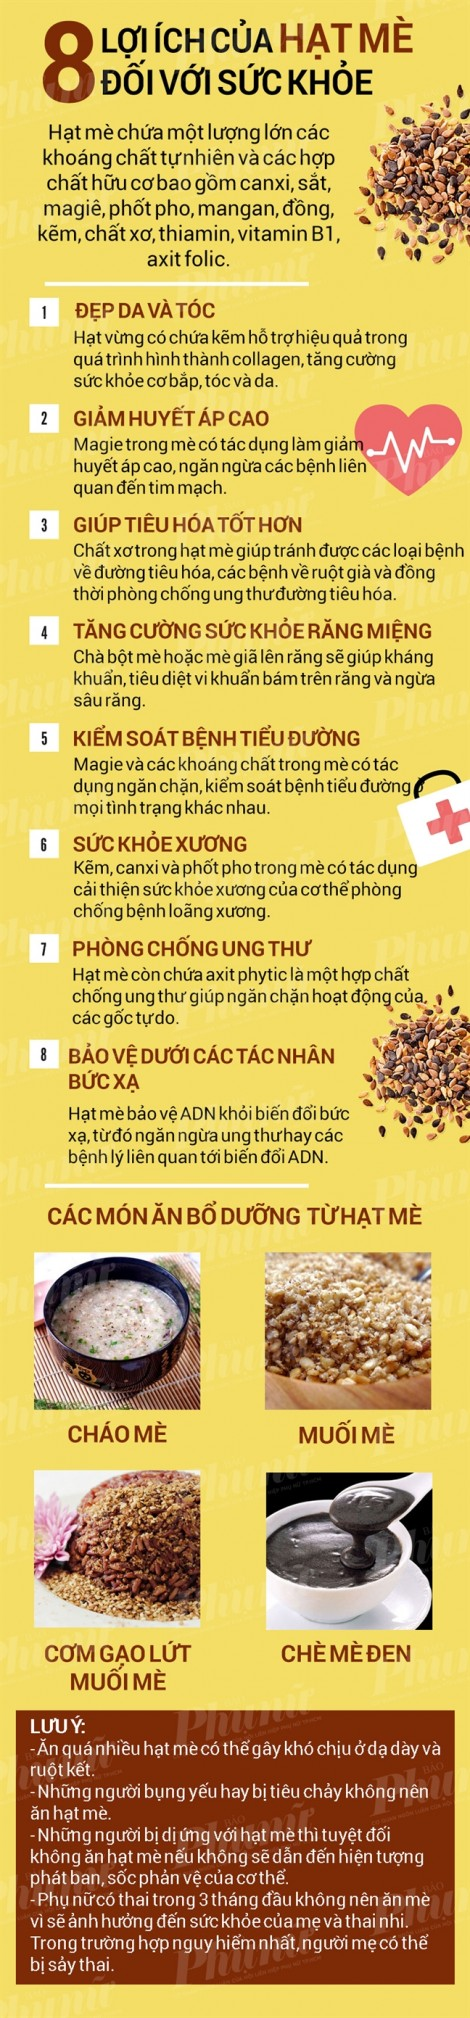 8 lợi ích của hạt mè tốt cho sức khỏe